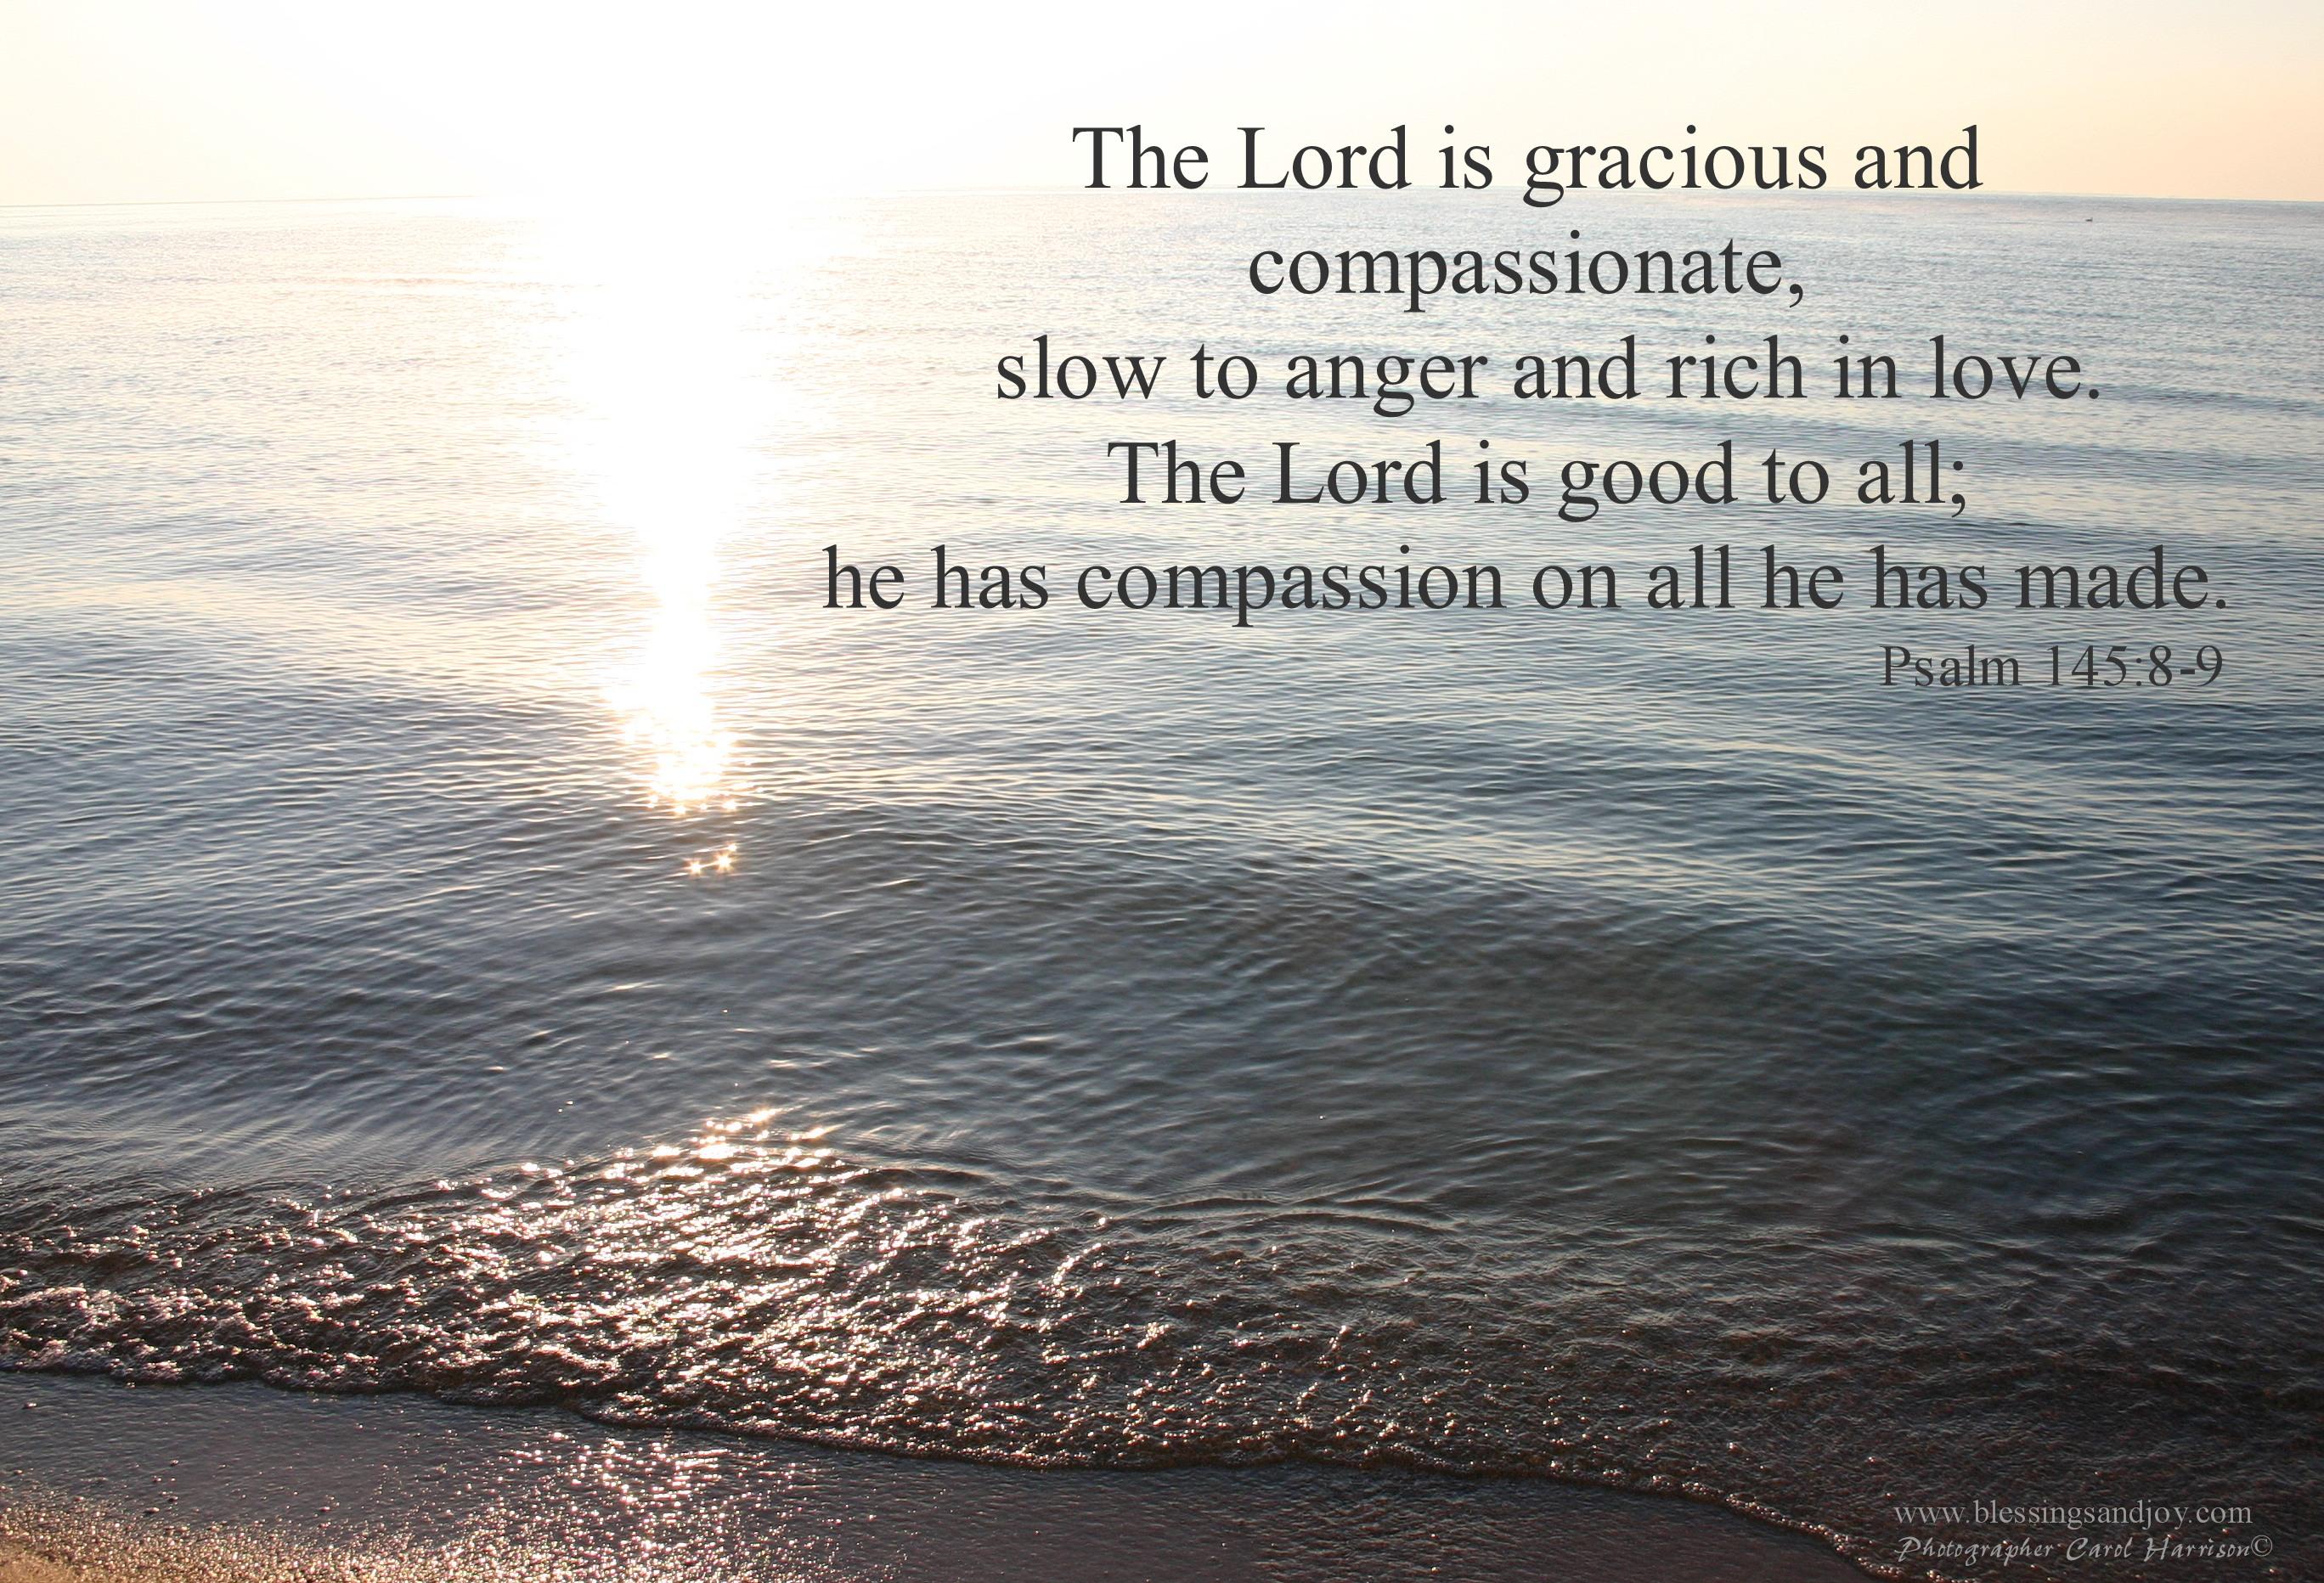 psalm-145-verses-9